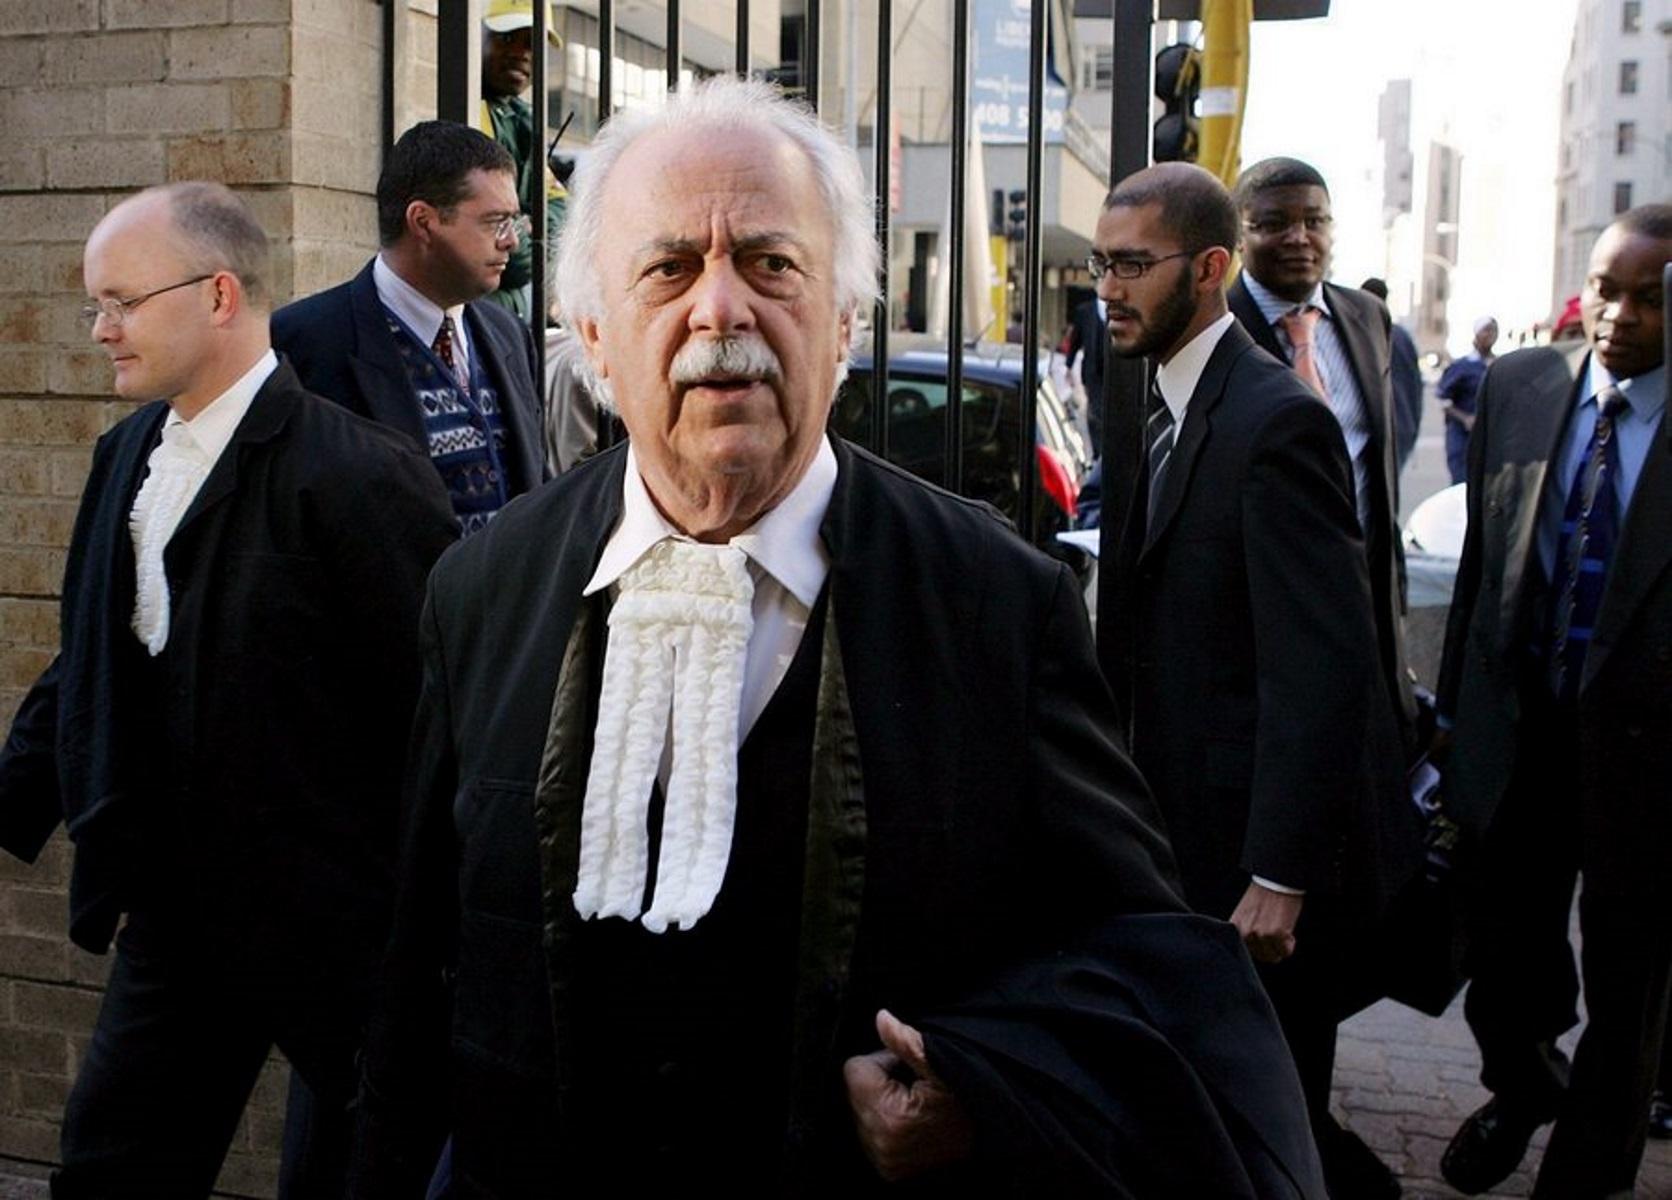 Πέθανε ο Γιώργος Μπίζος, δικηγόρος του Νέλσον Μαντέλα